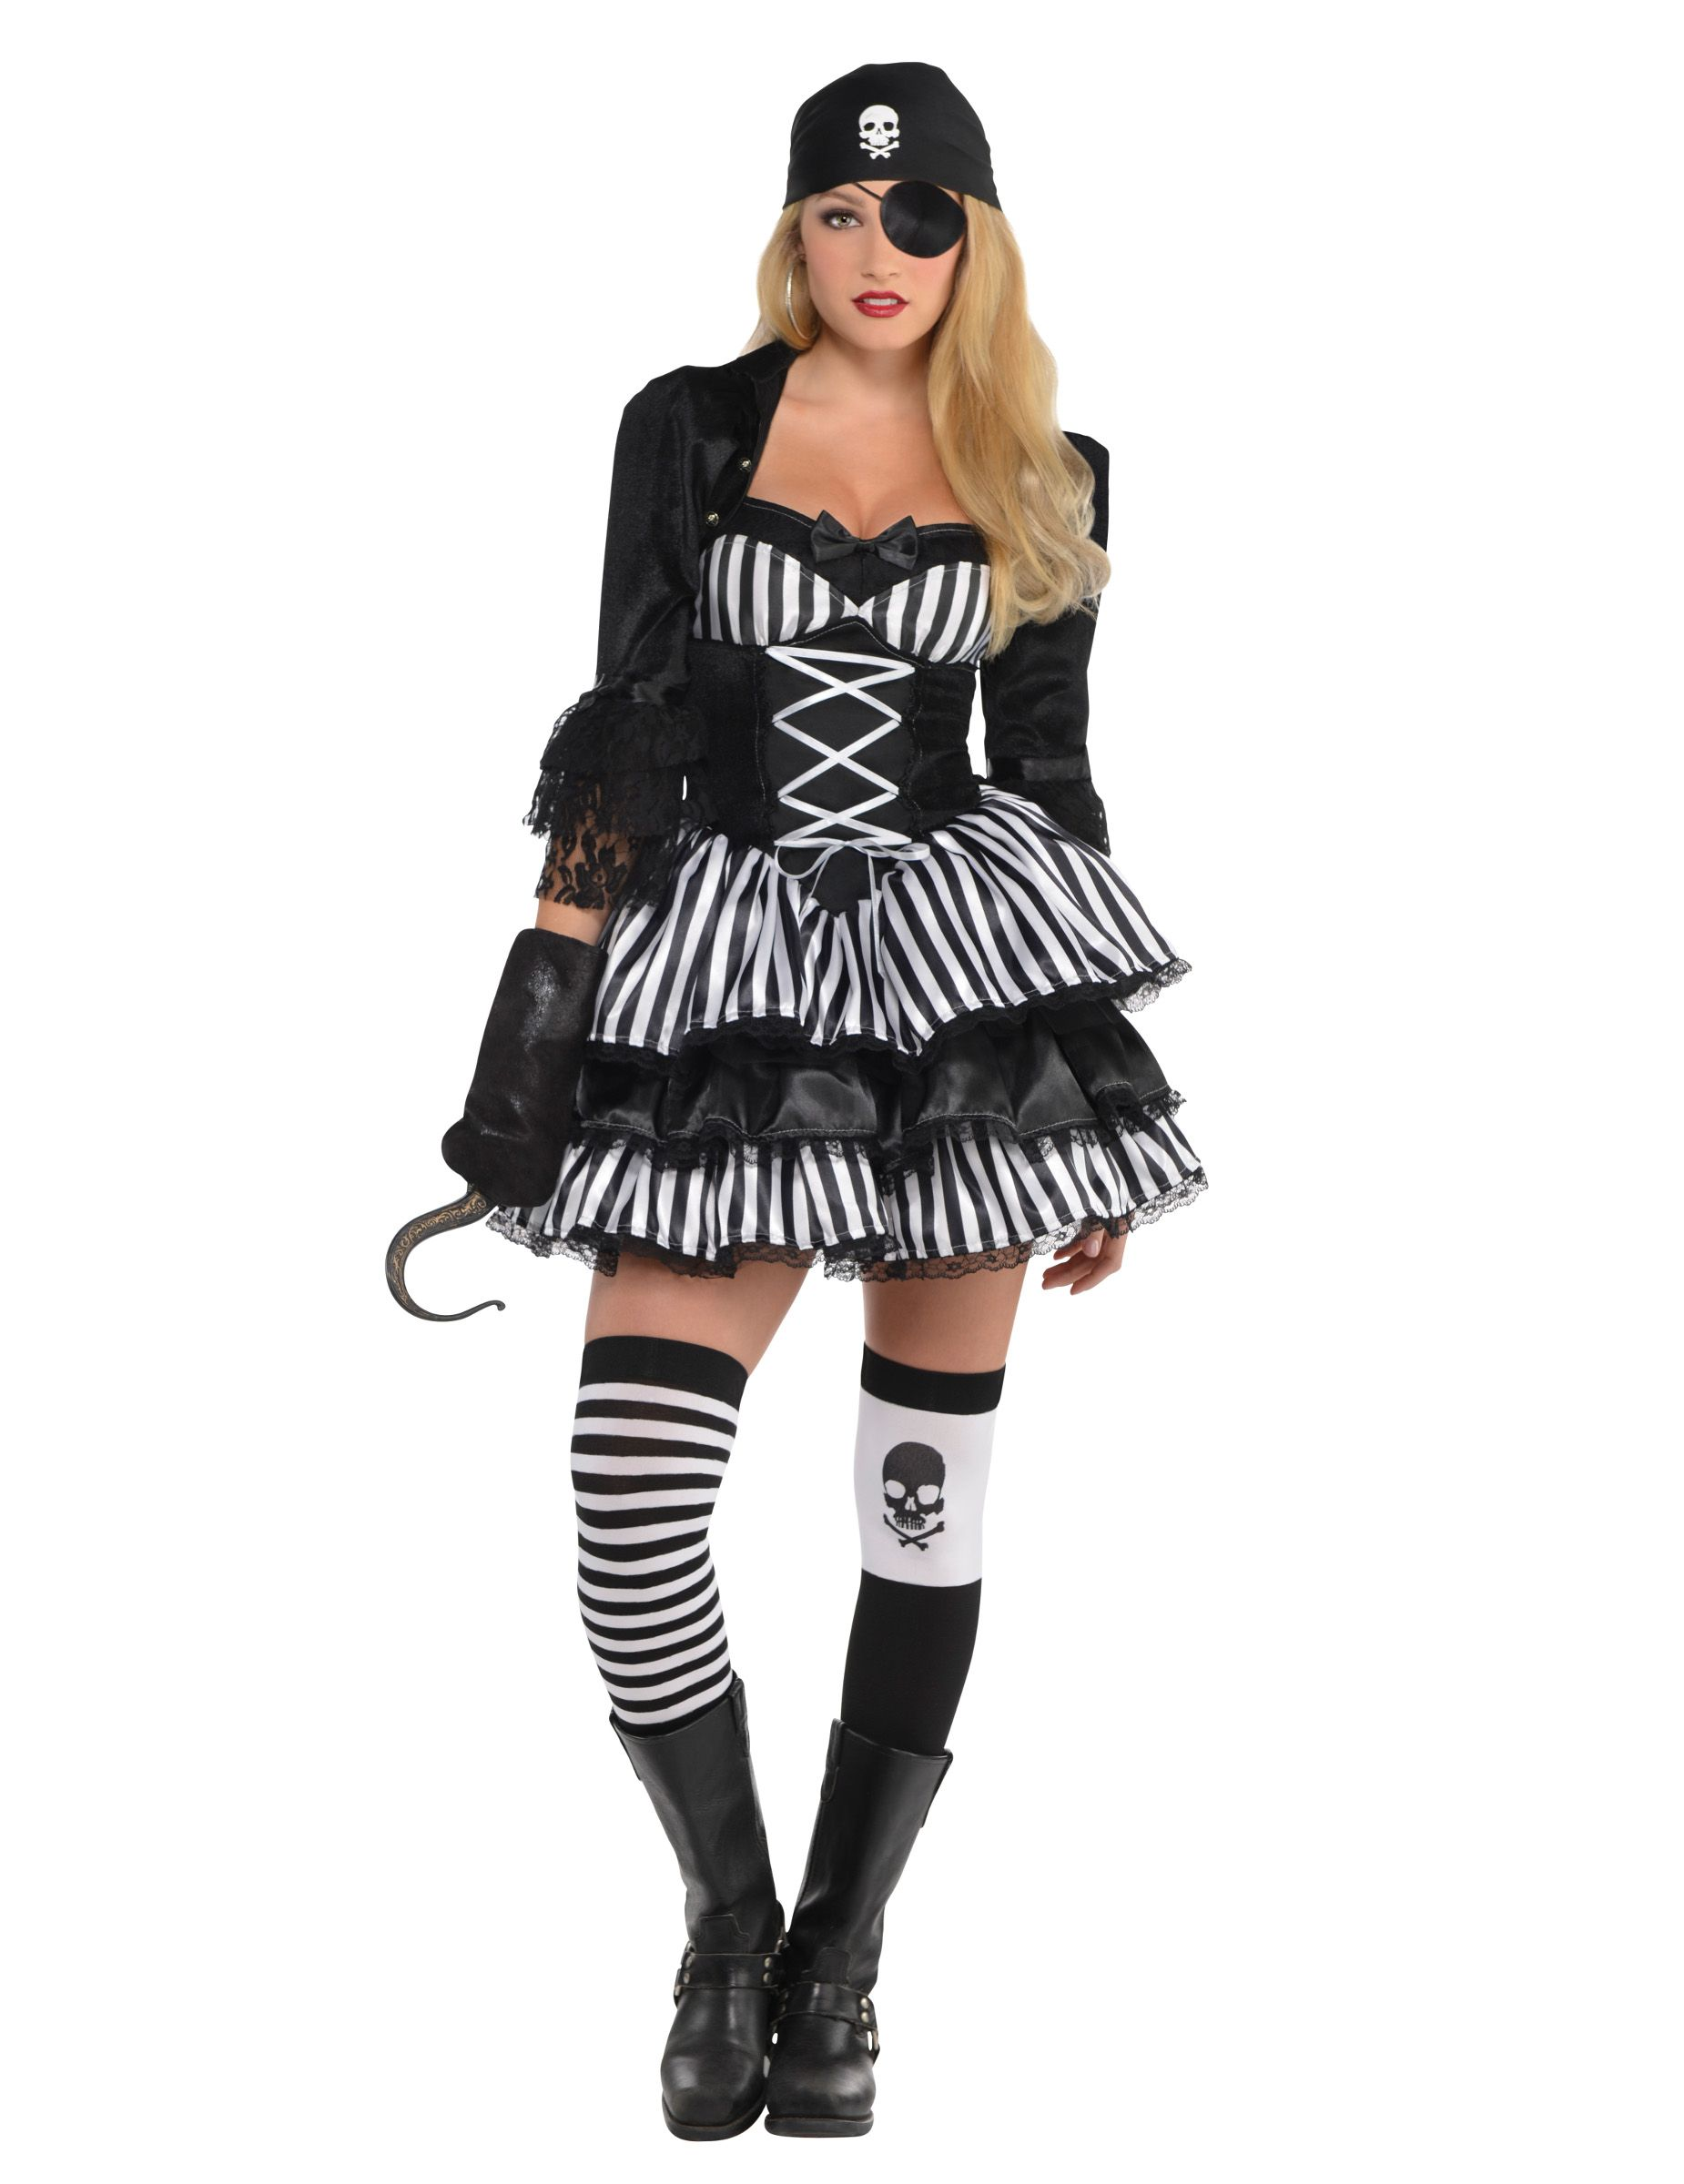 Costume piratessa bianco e nero per donna  Questo travestimento da corsaro  a righe bianche e nere comprende un vestito 50083b2e4afe